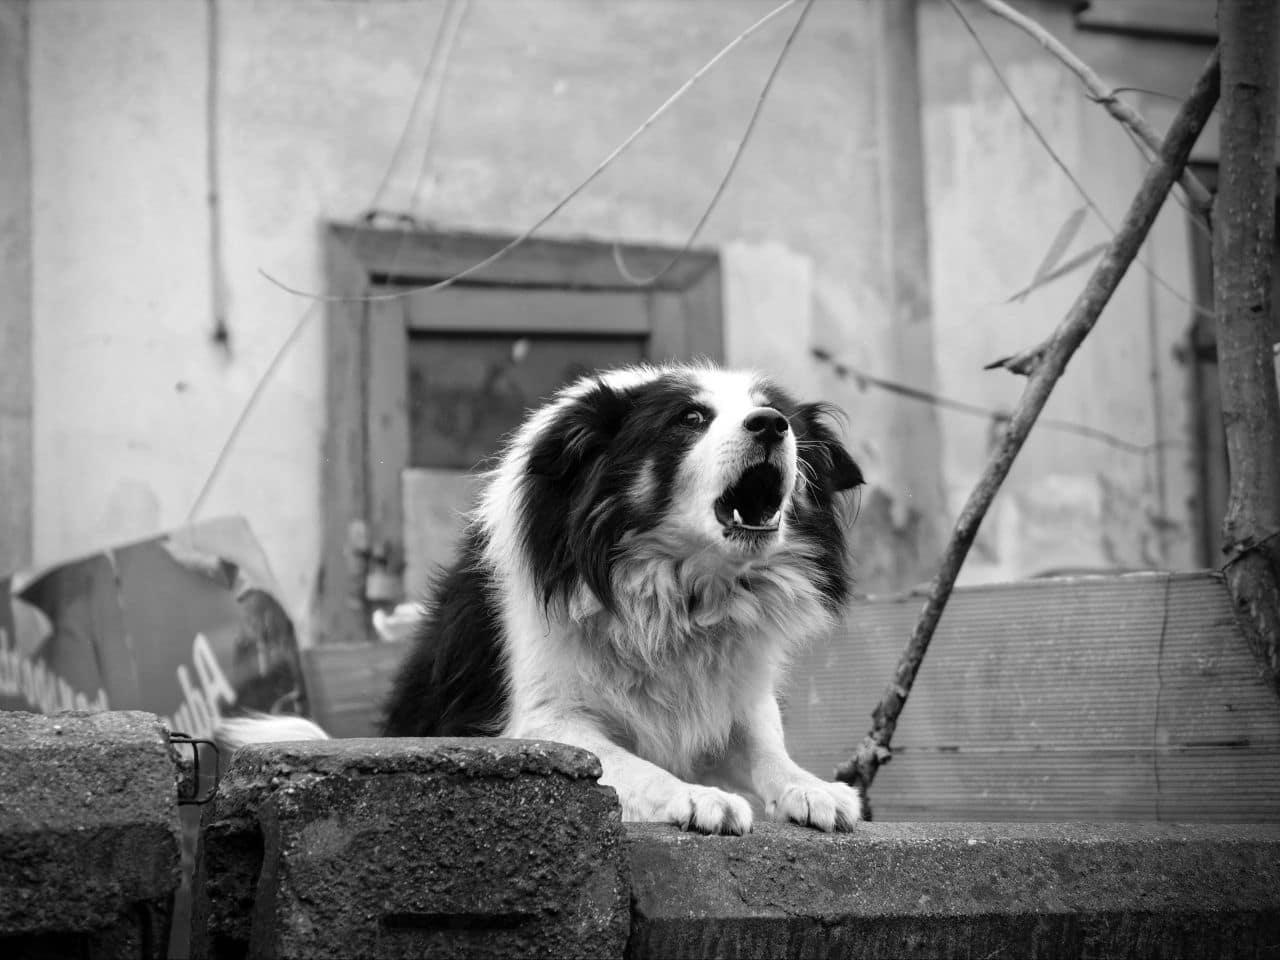 威嚇して優位を保とうと吠える犬